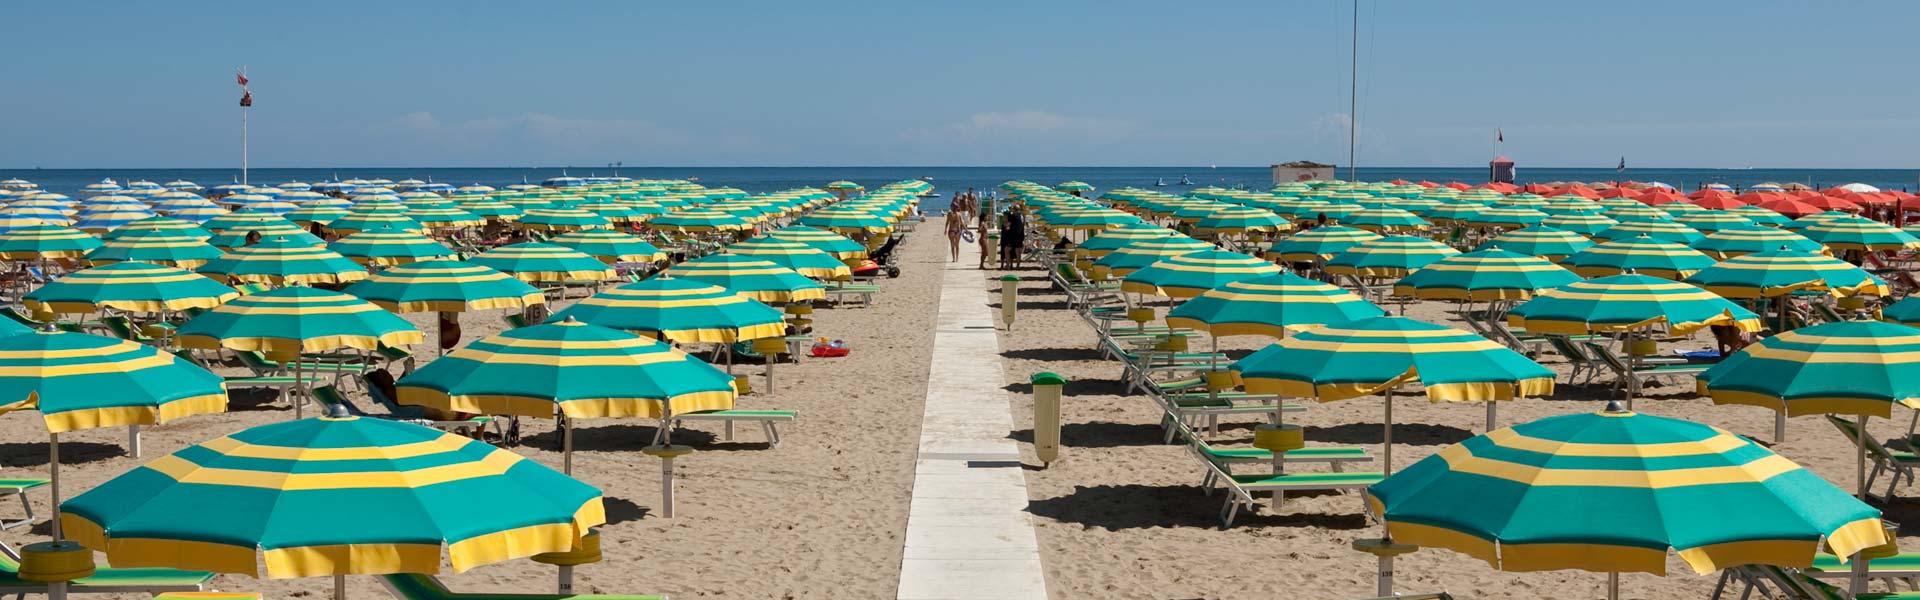 Formule All Inclusive Hôtels sur la Côte Adriatique, en Italie